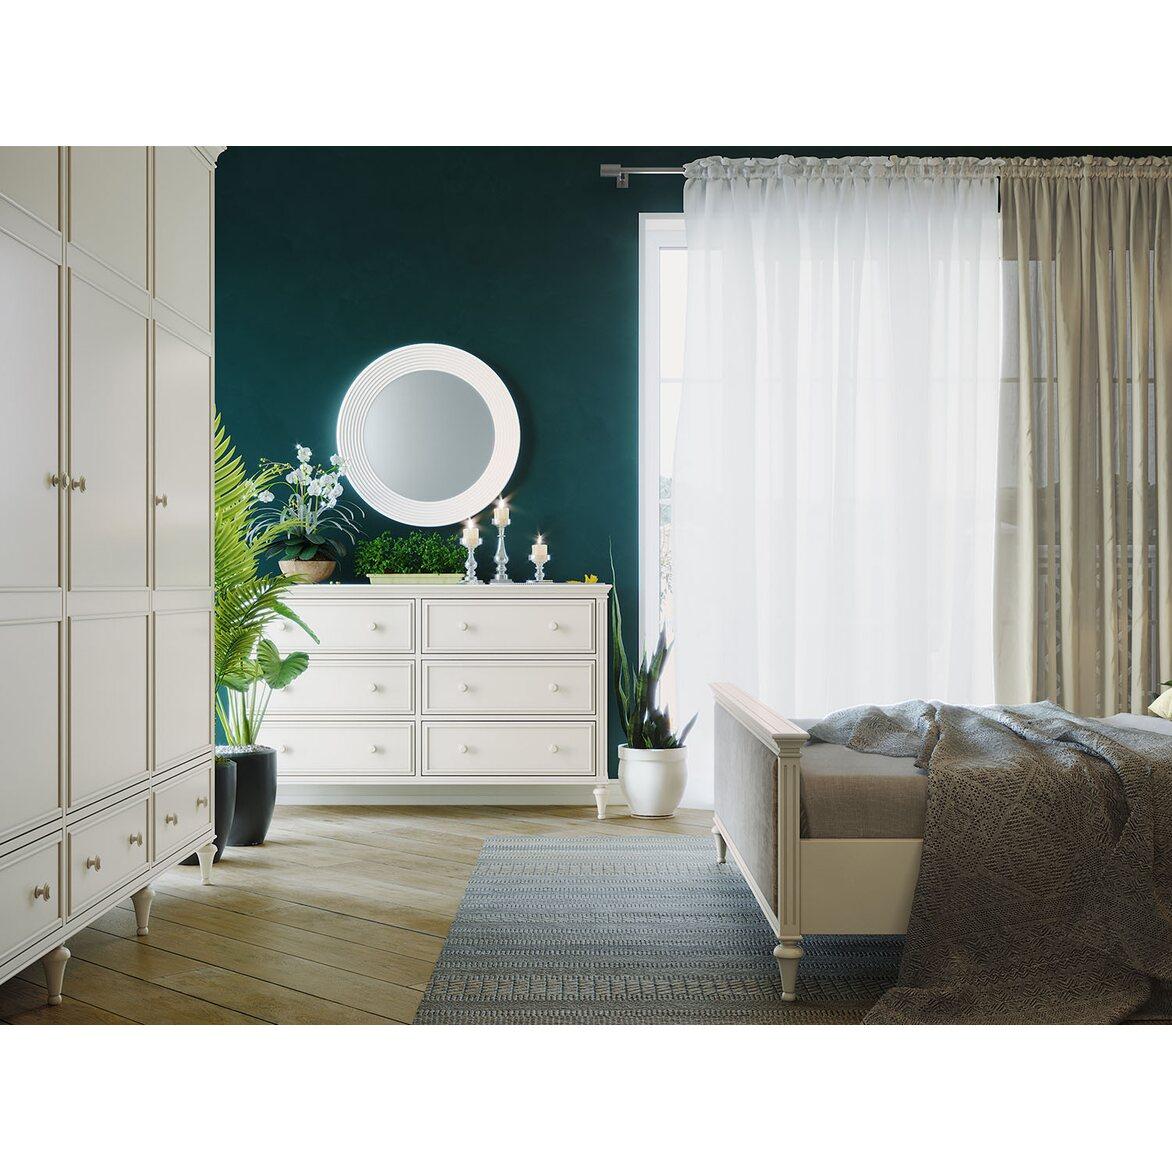 Кровать Riverdi с мягким изголовьем, с изножьем 4 | Двуспальные кровати Kingsby